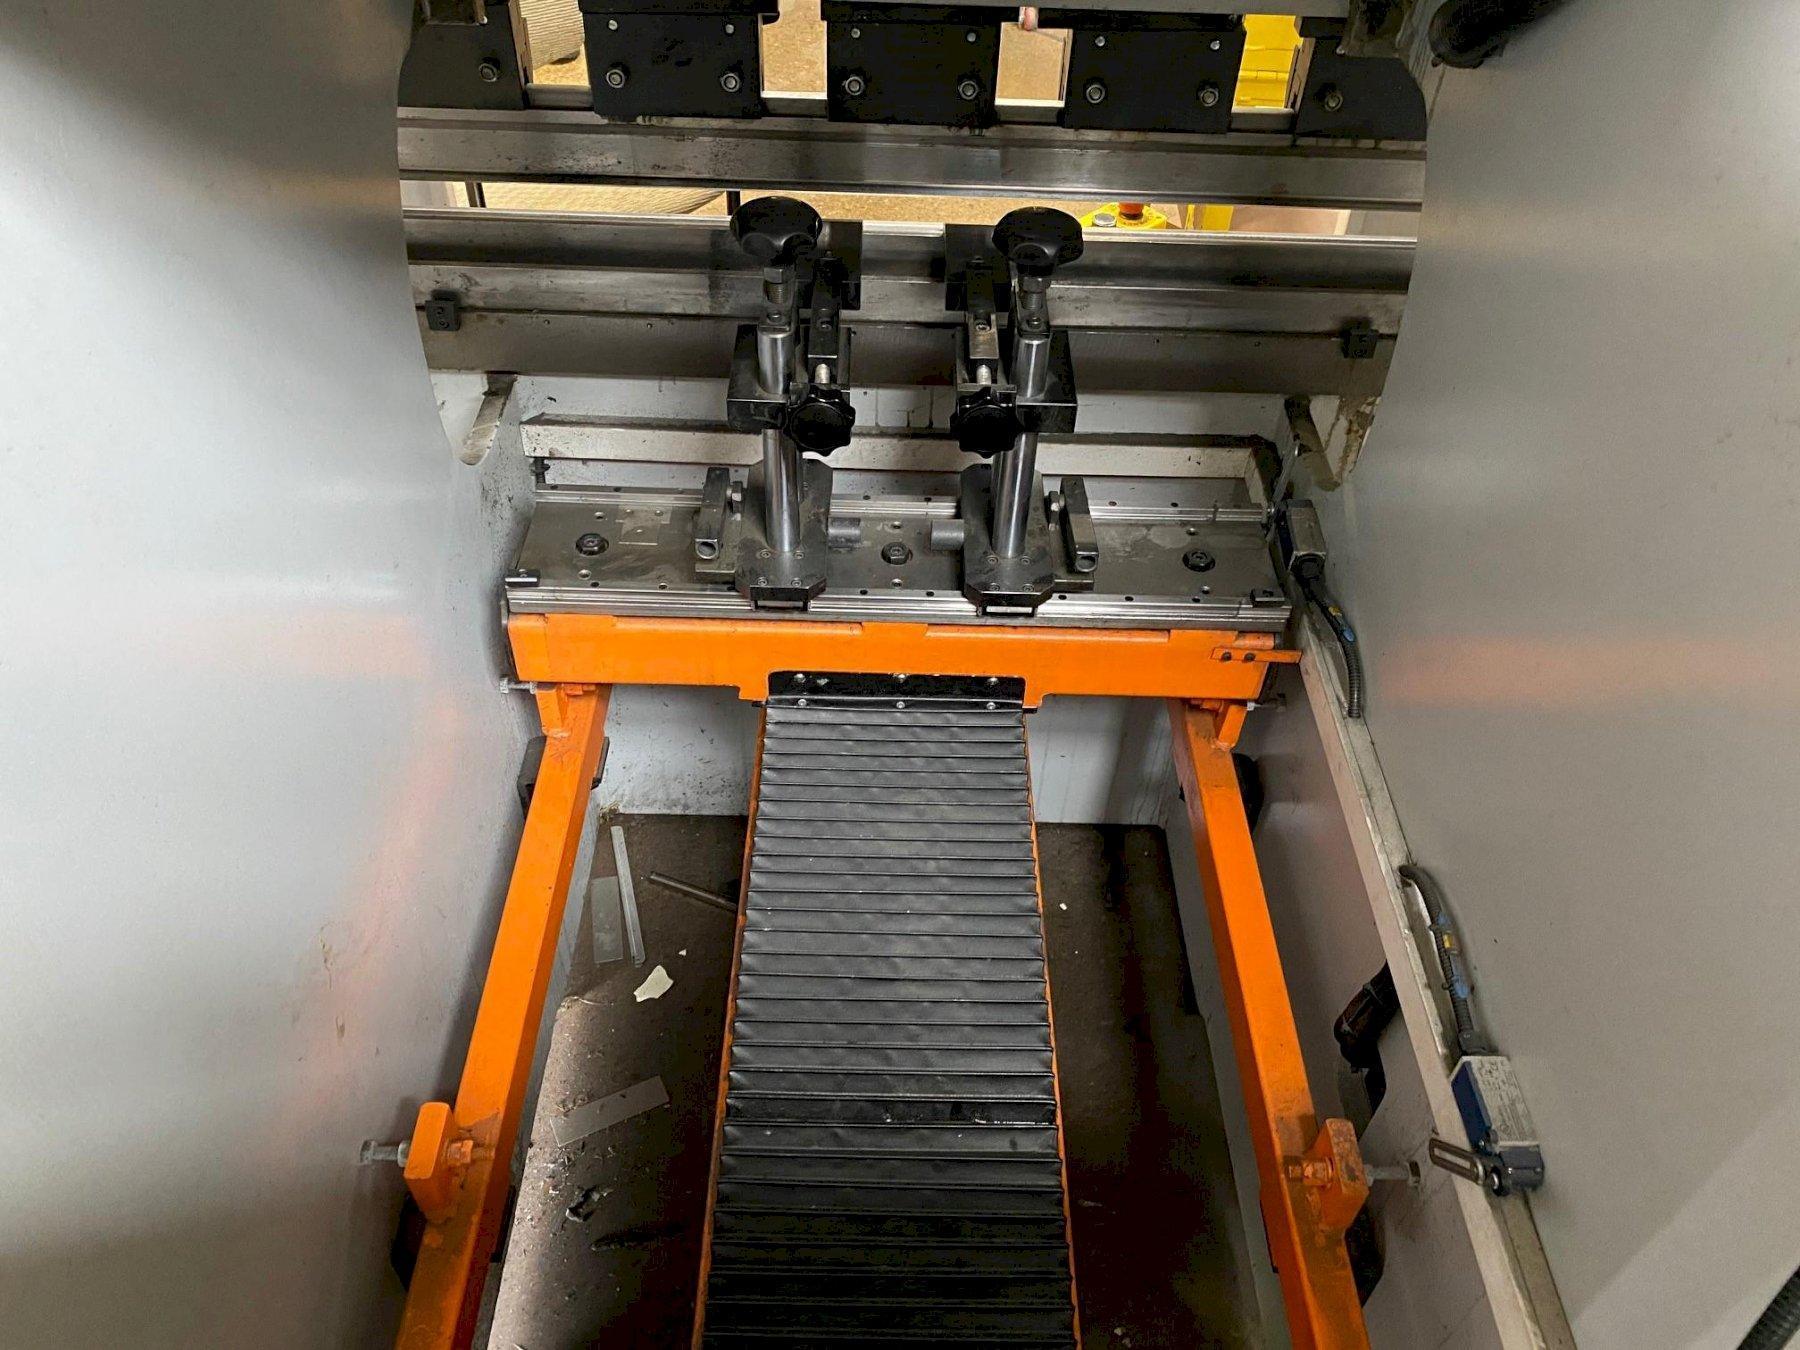 """USED ERMAK 40"""" X 44 TON 3-AXIS CNC HYDRAULIC PRESS BRAKE MODEL MICRO-BEND 3.3X44, Stock# 10851, Year: 2017"""